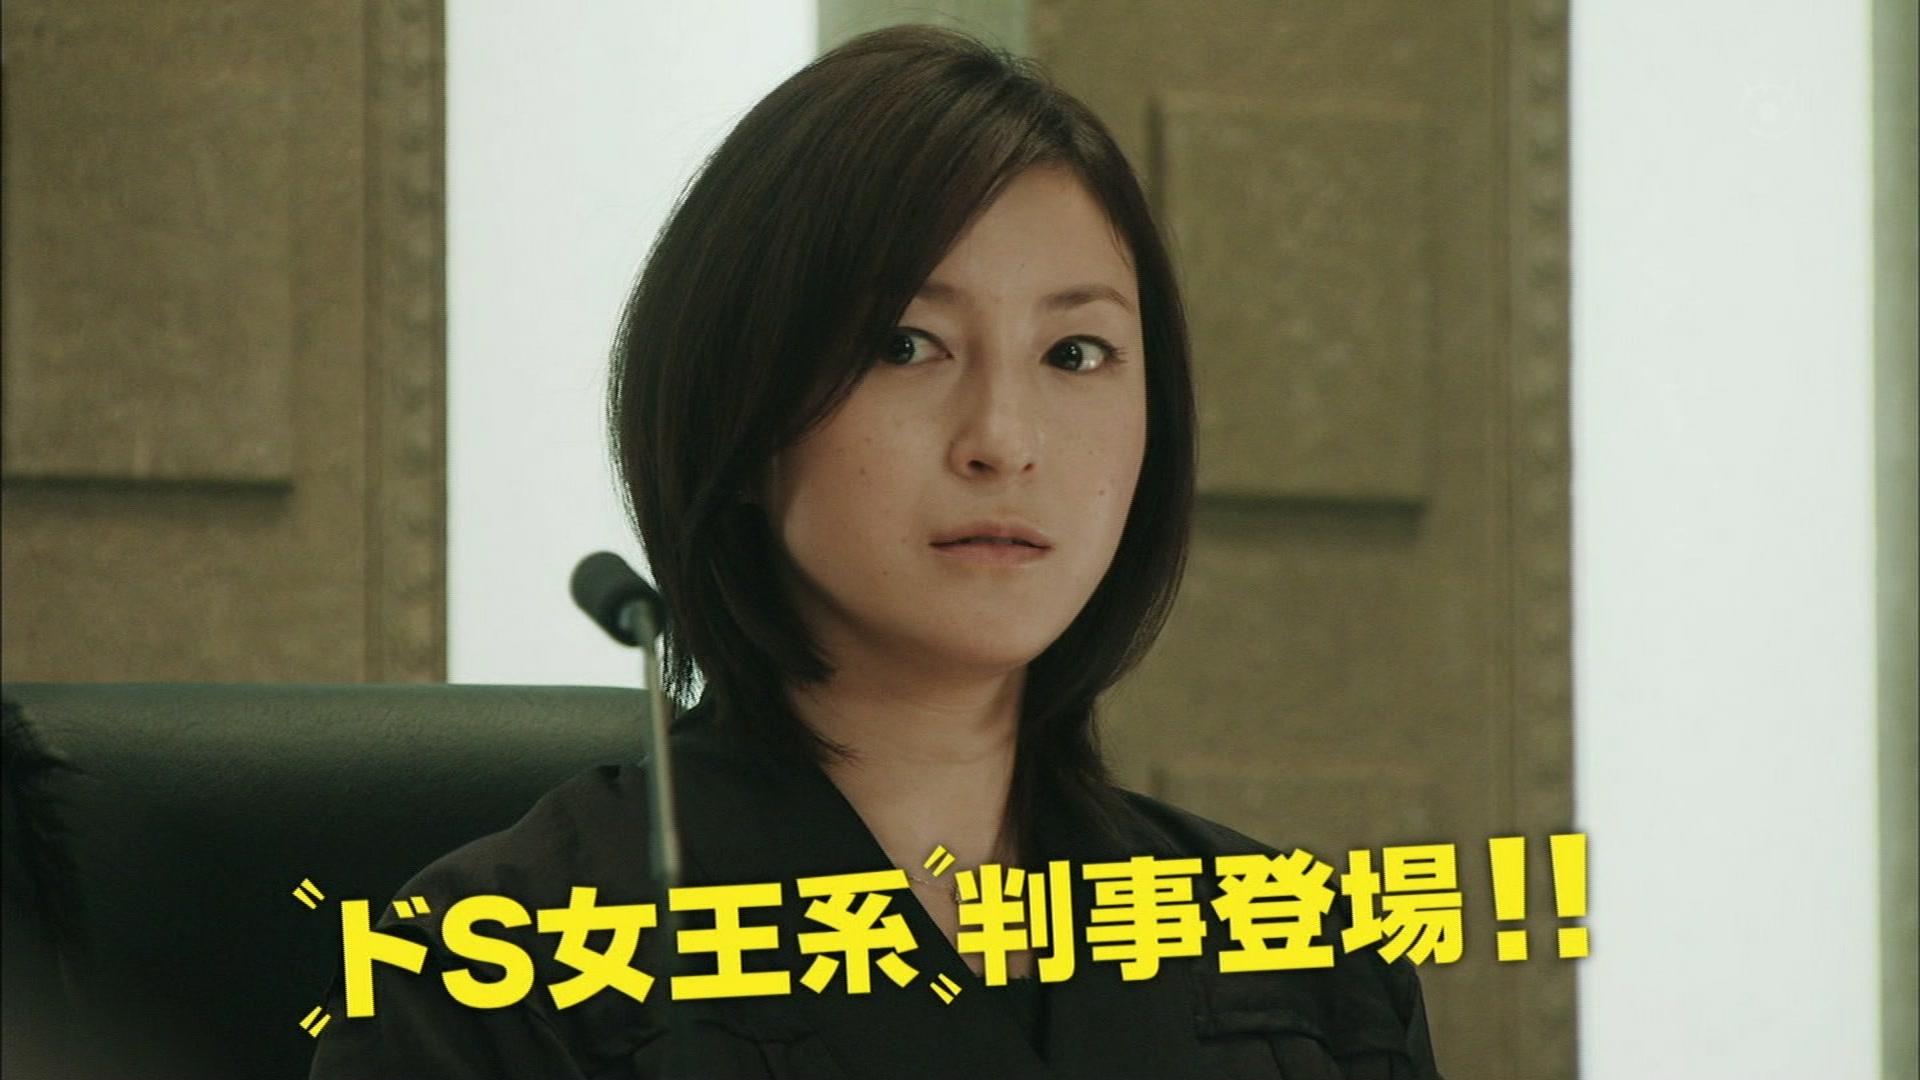 30代子持ちでも広末涼子はかわいい 劣化知らずの広末涼子 エントピ Entertainment Topics